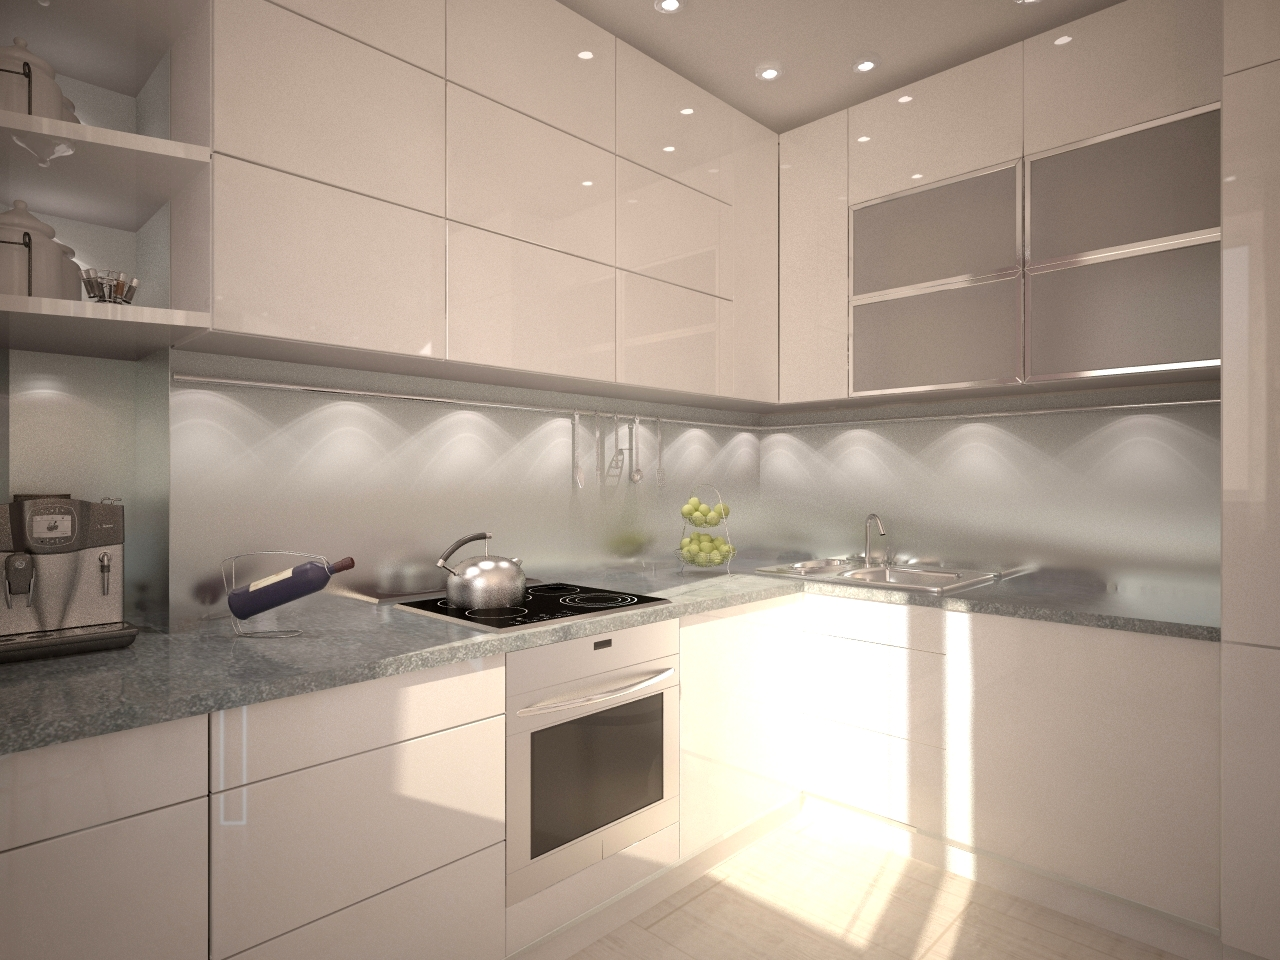 Hur att välja färger när kök renovering   cemstroy   konstruktion ...